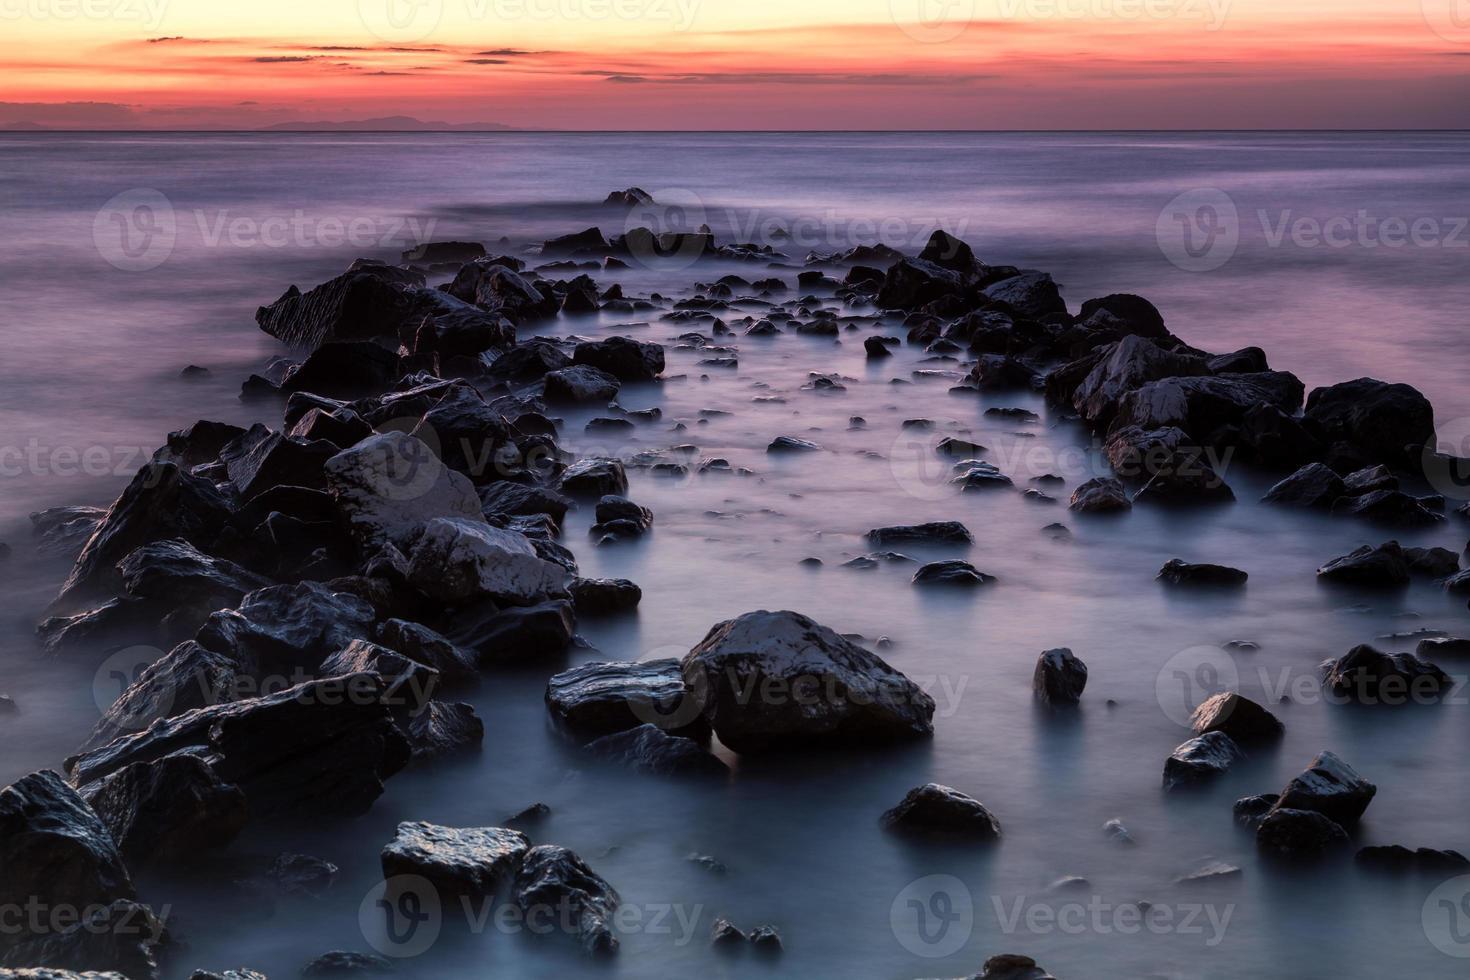 eilanden van de Middellandse Zee foto